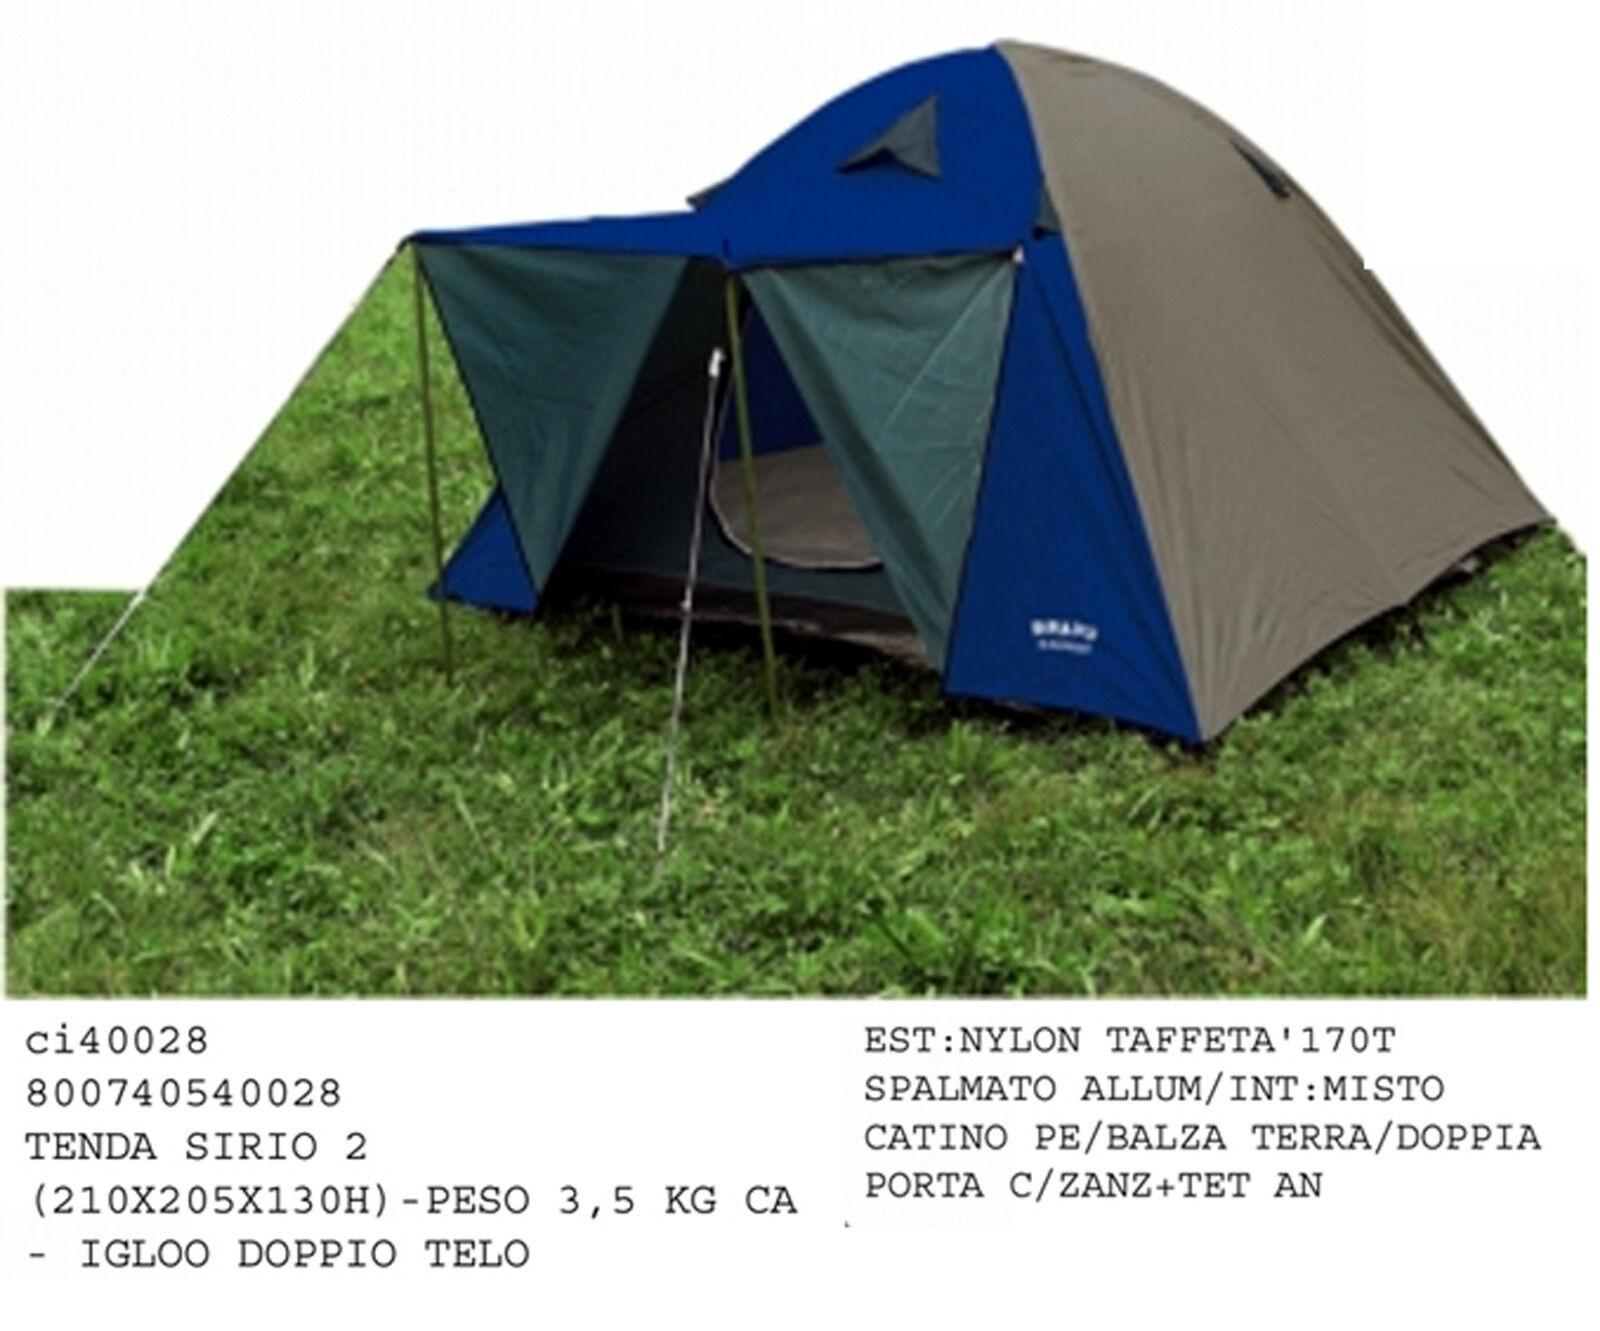 Tenda iglu escursione campeggio SIRIO 2 doppio telo e balconcino peso 3,5 kg